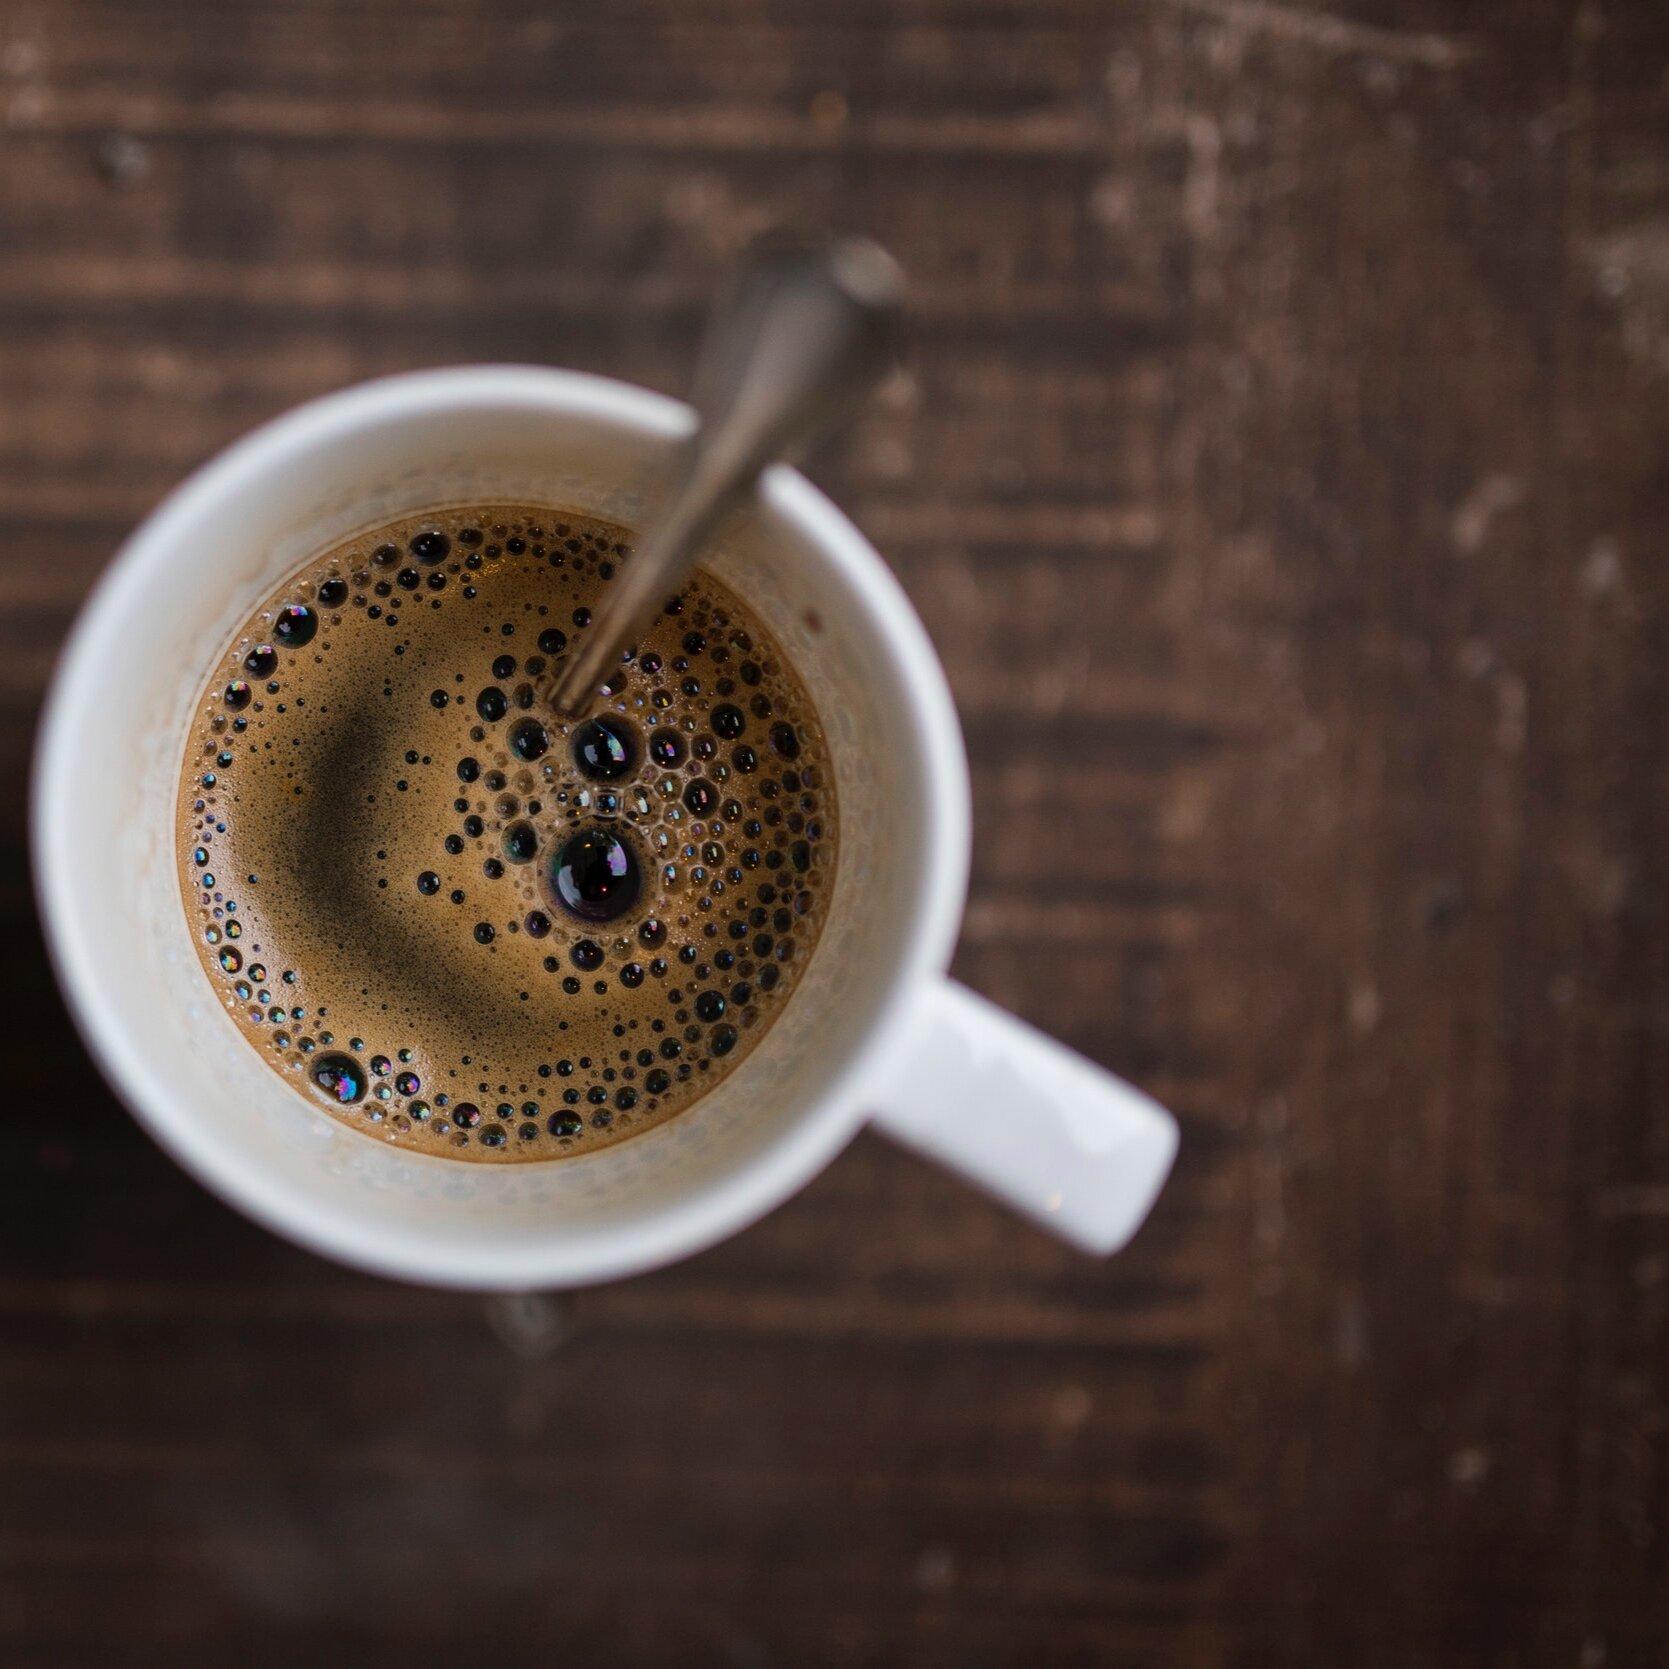 Meer informatie of een bakkie doen? - Ik kom graag met u in contact voor het uitzetten van een fotografieopdracht. Wilt u meer weten, of gewoon kennis maken (met koffie) kunt u onderstaand formulier gebruiken.